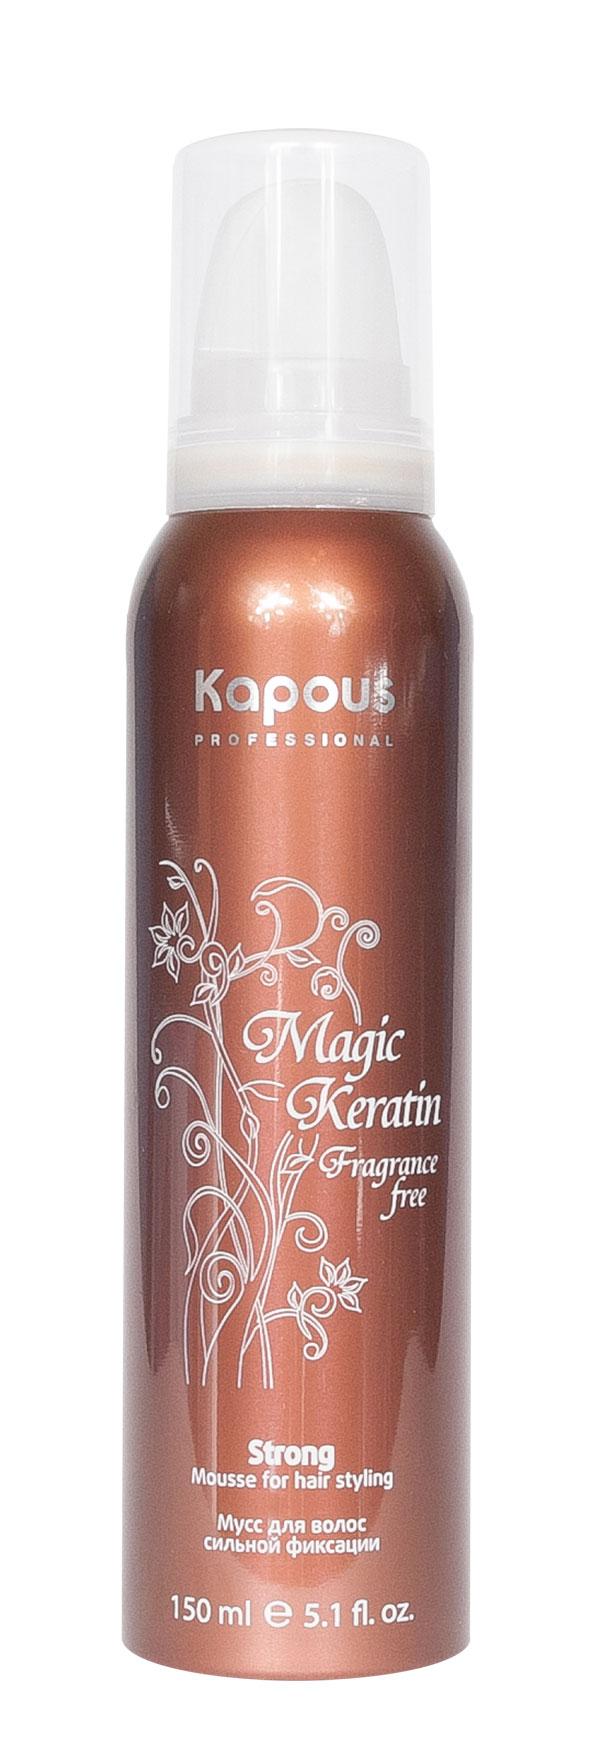 KAPOUS Мусс для укладки волос сильной фиксации с кератином / Magic Keratin 150млМуссы<br>Мусс для волос сильной фиксации предназначен для всех типов волос. Фиксируя объем, делает любую прическу естественной, обеспечивает длительный результат. Входящий в состав кератин питает волосы, делает их эластичными и гладкими, придает дополнительный блеск, защищает волосы от воздействия горячего фена и солнечных лучей. Способ применения: перед использованием баллон хорошо встряхнуть в течении 10-15 секунд! Направив баллон вниз, выдавить необходимое количество мусса и равномерно распределить по волосам. Высушить привычным способом.<br>